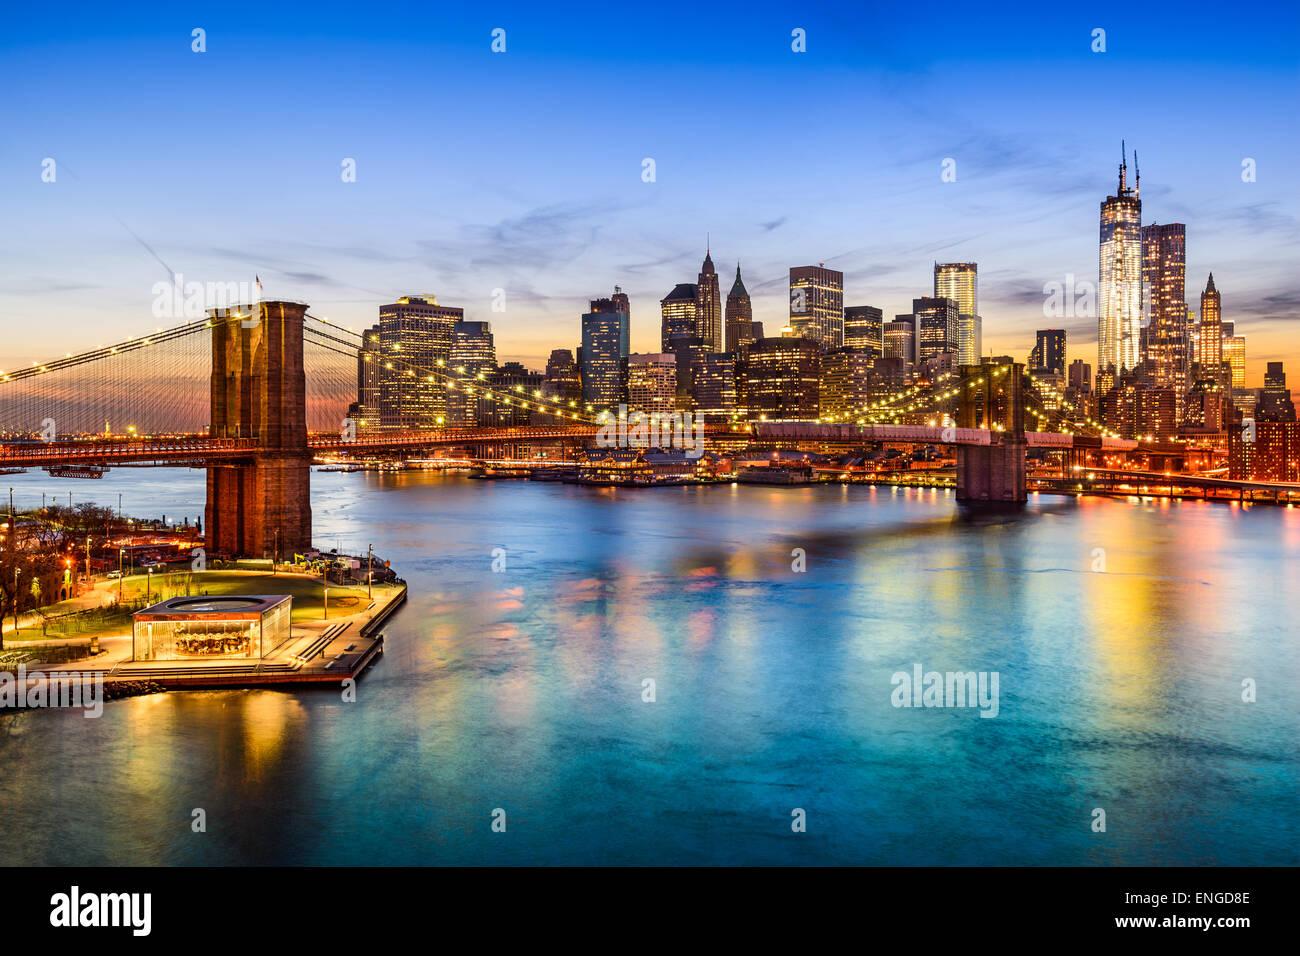 Skyline von New York City, USA über den East River und die Brooklyn Bridge. Stockbild